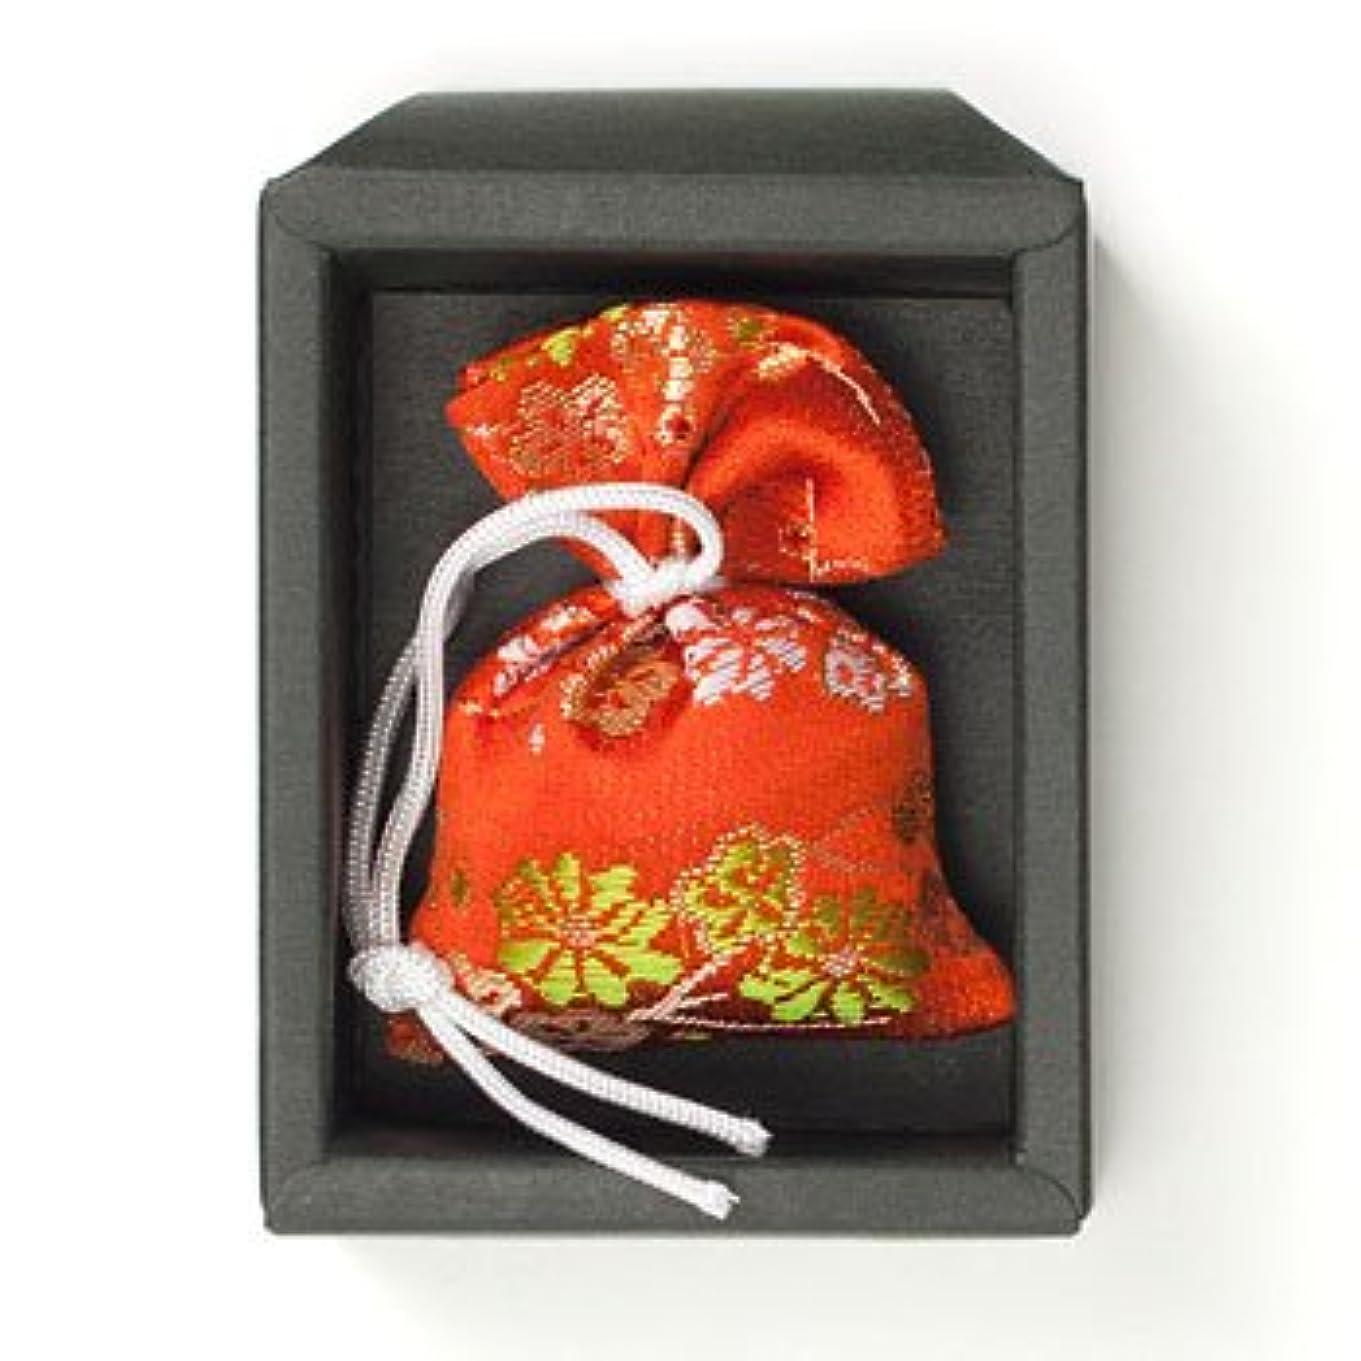 配当肌寒い浸透する匂い袋 誰が袖 極品 1個入 松栄堂 Shoyeido 本体長さ60mm (色?柄は選べません)